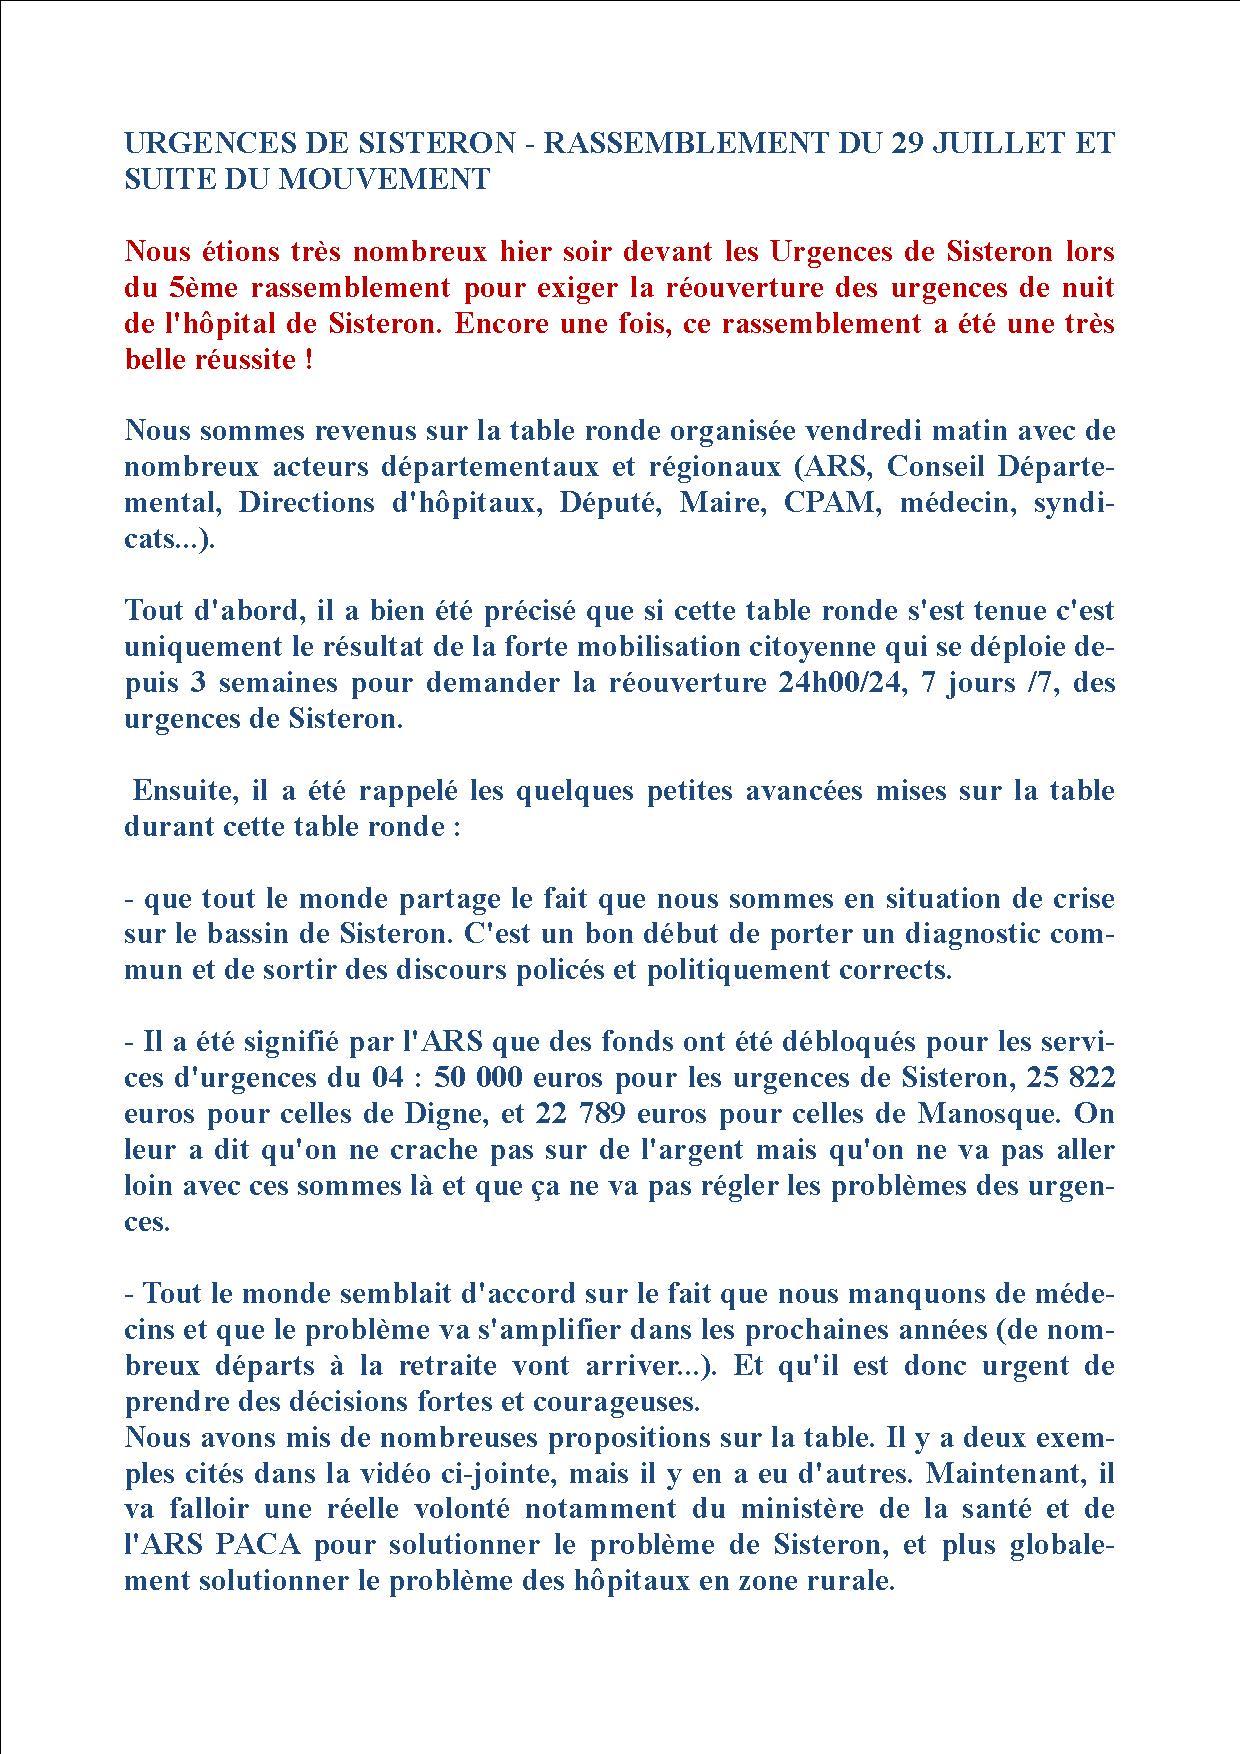 Urgences de Sisteron - Rassemblement du 29 juillet suites (1)